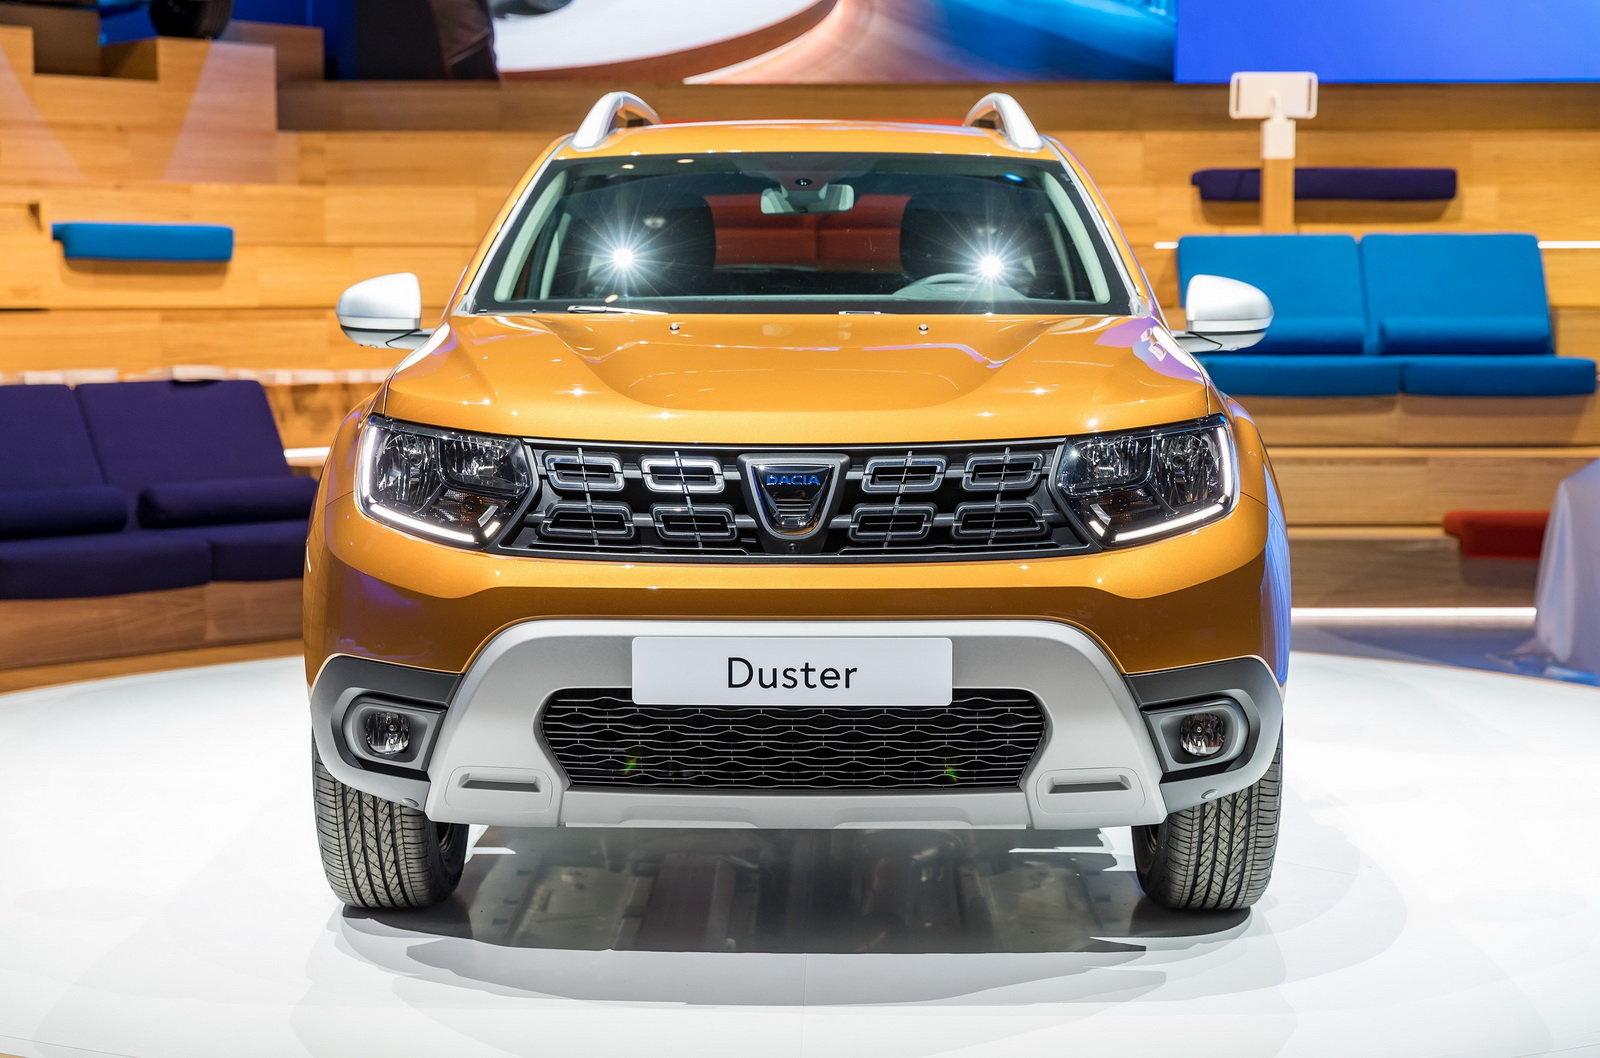 Foto dacia duster su di lei molte aspettative for Dacia duster foto